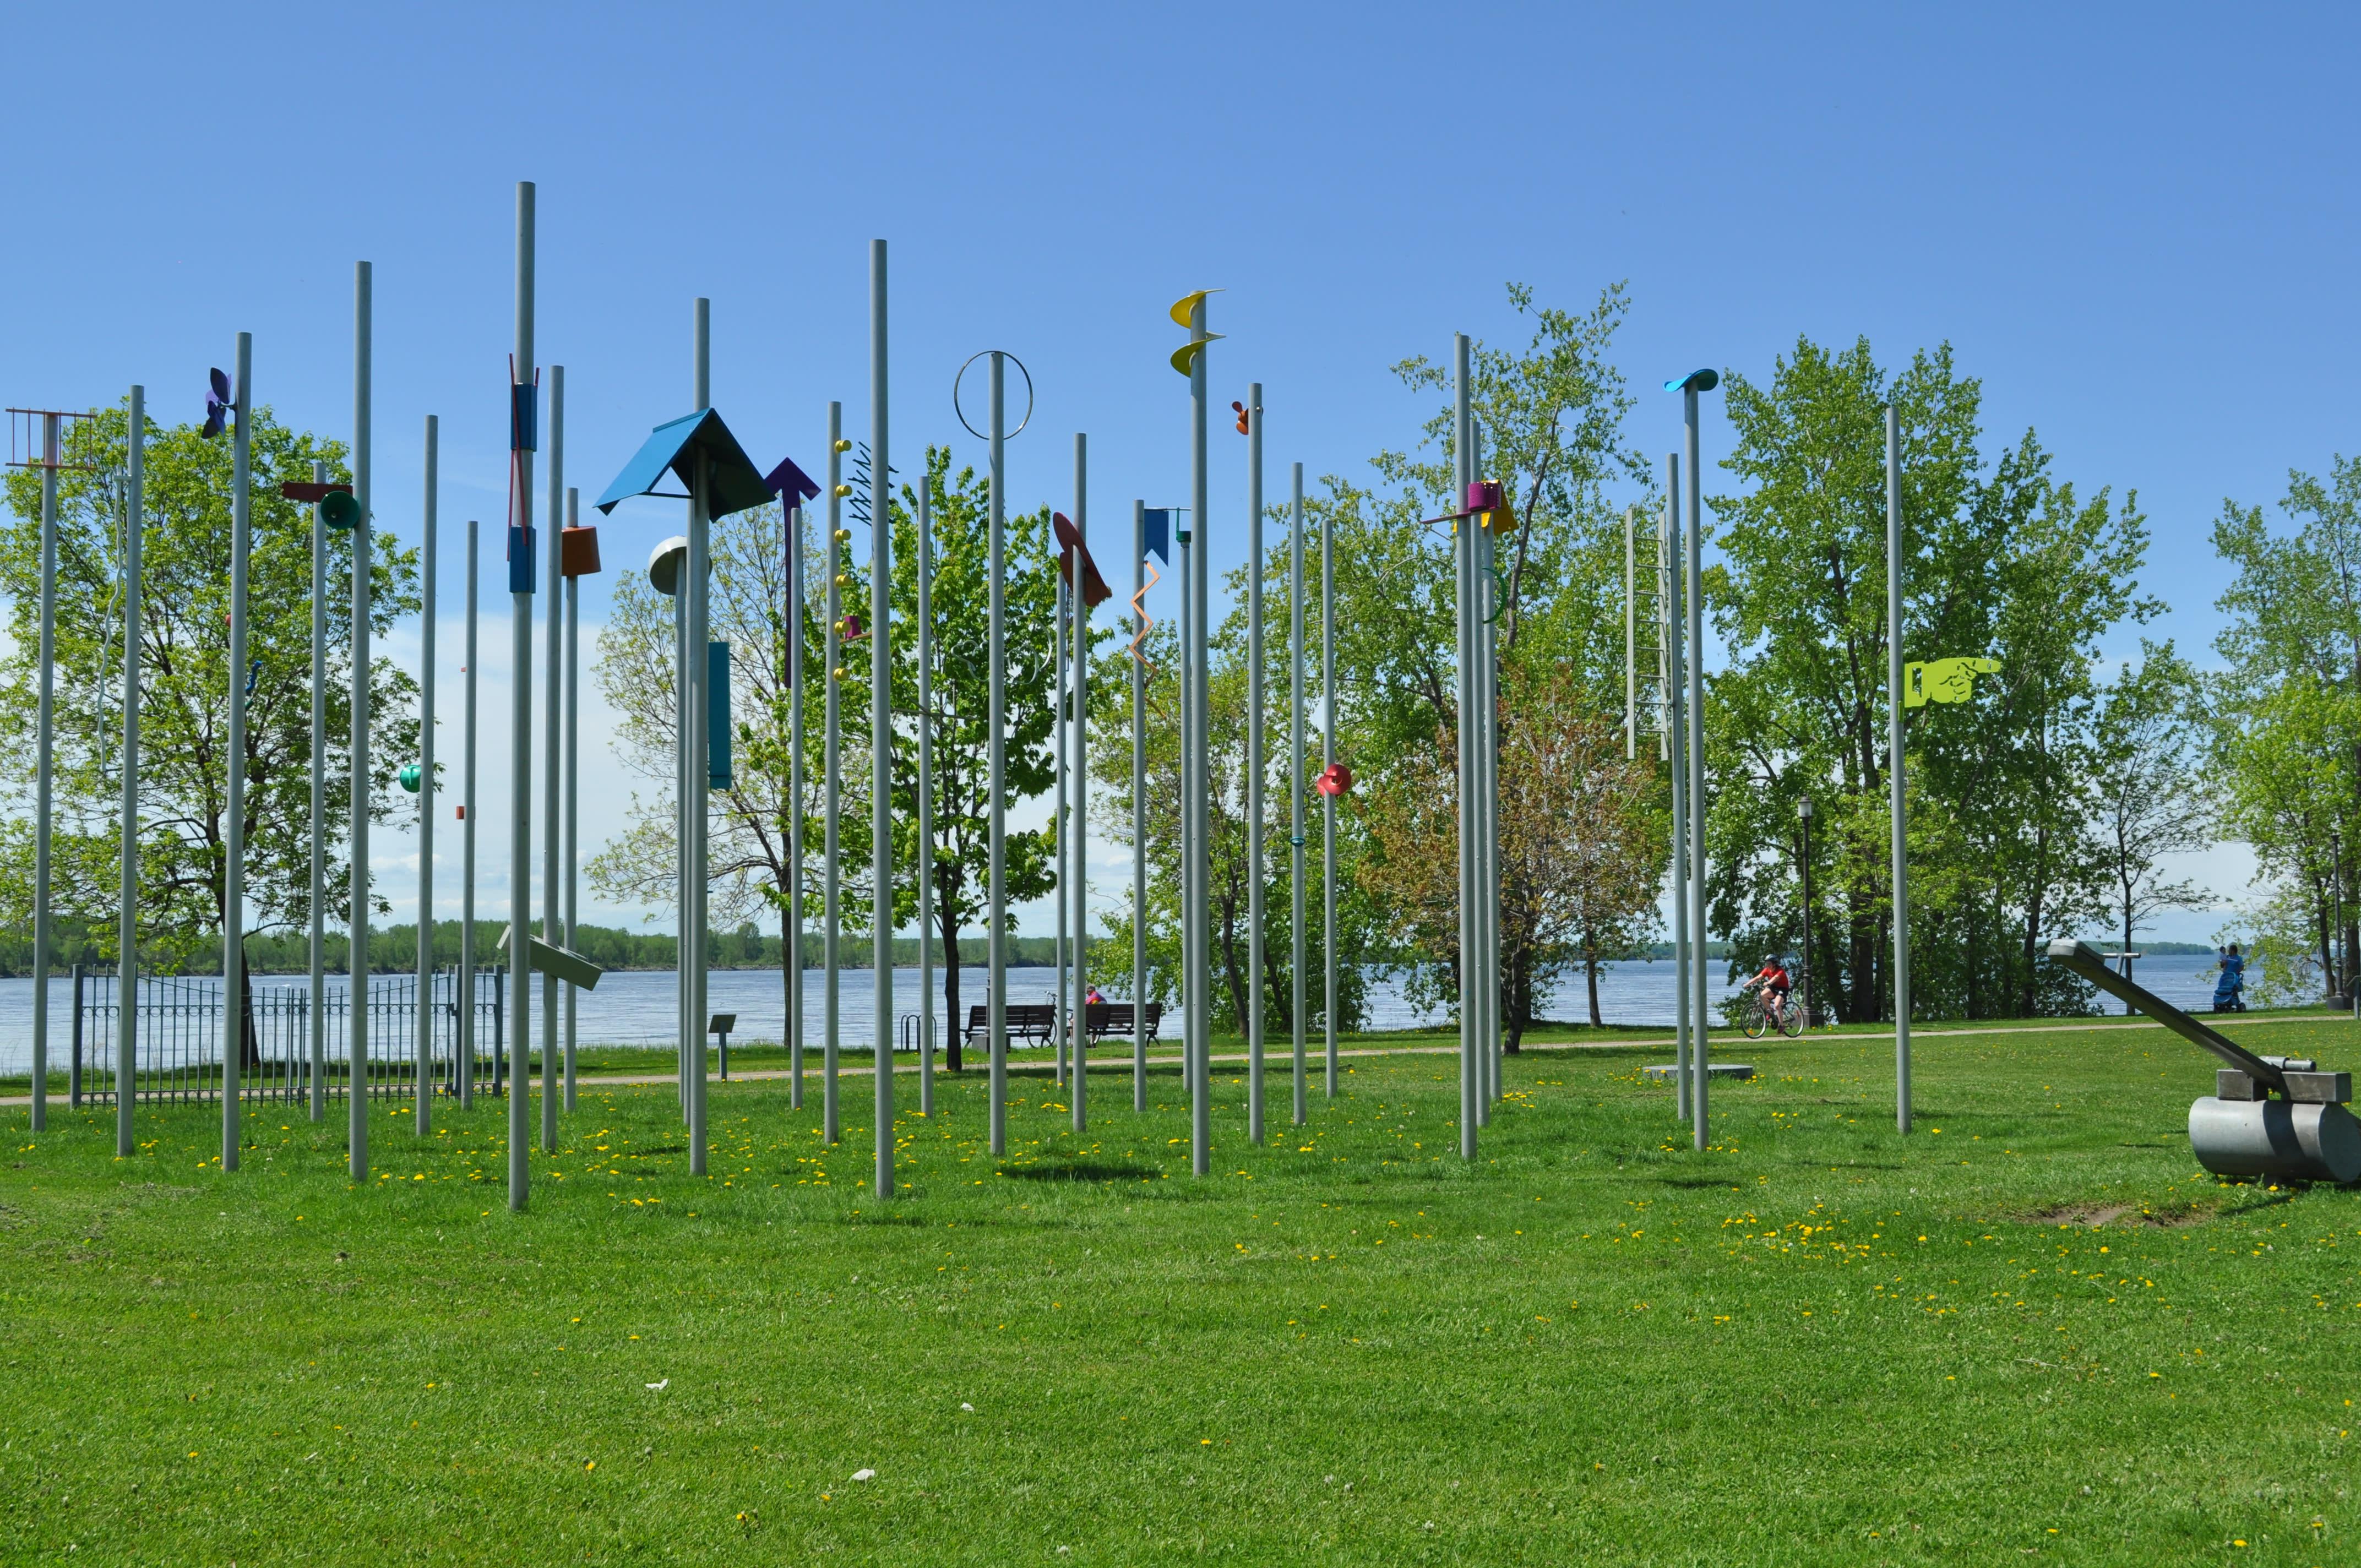 Sculp'tour Musée de Lachine Parc René Lévesque